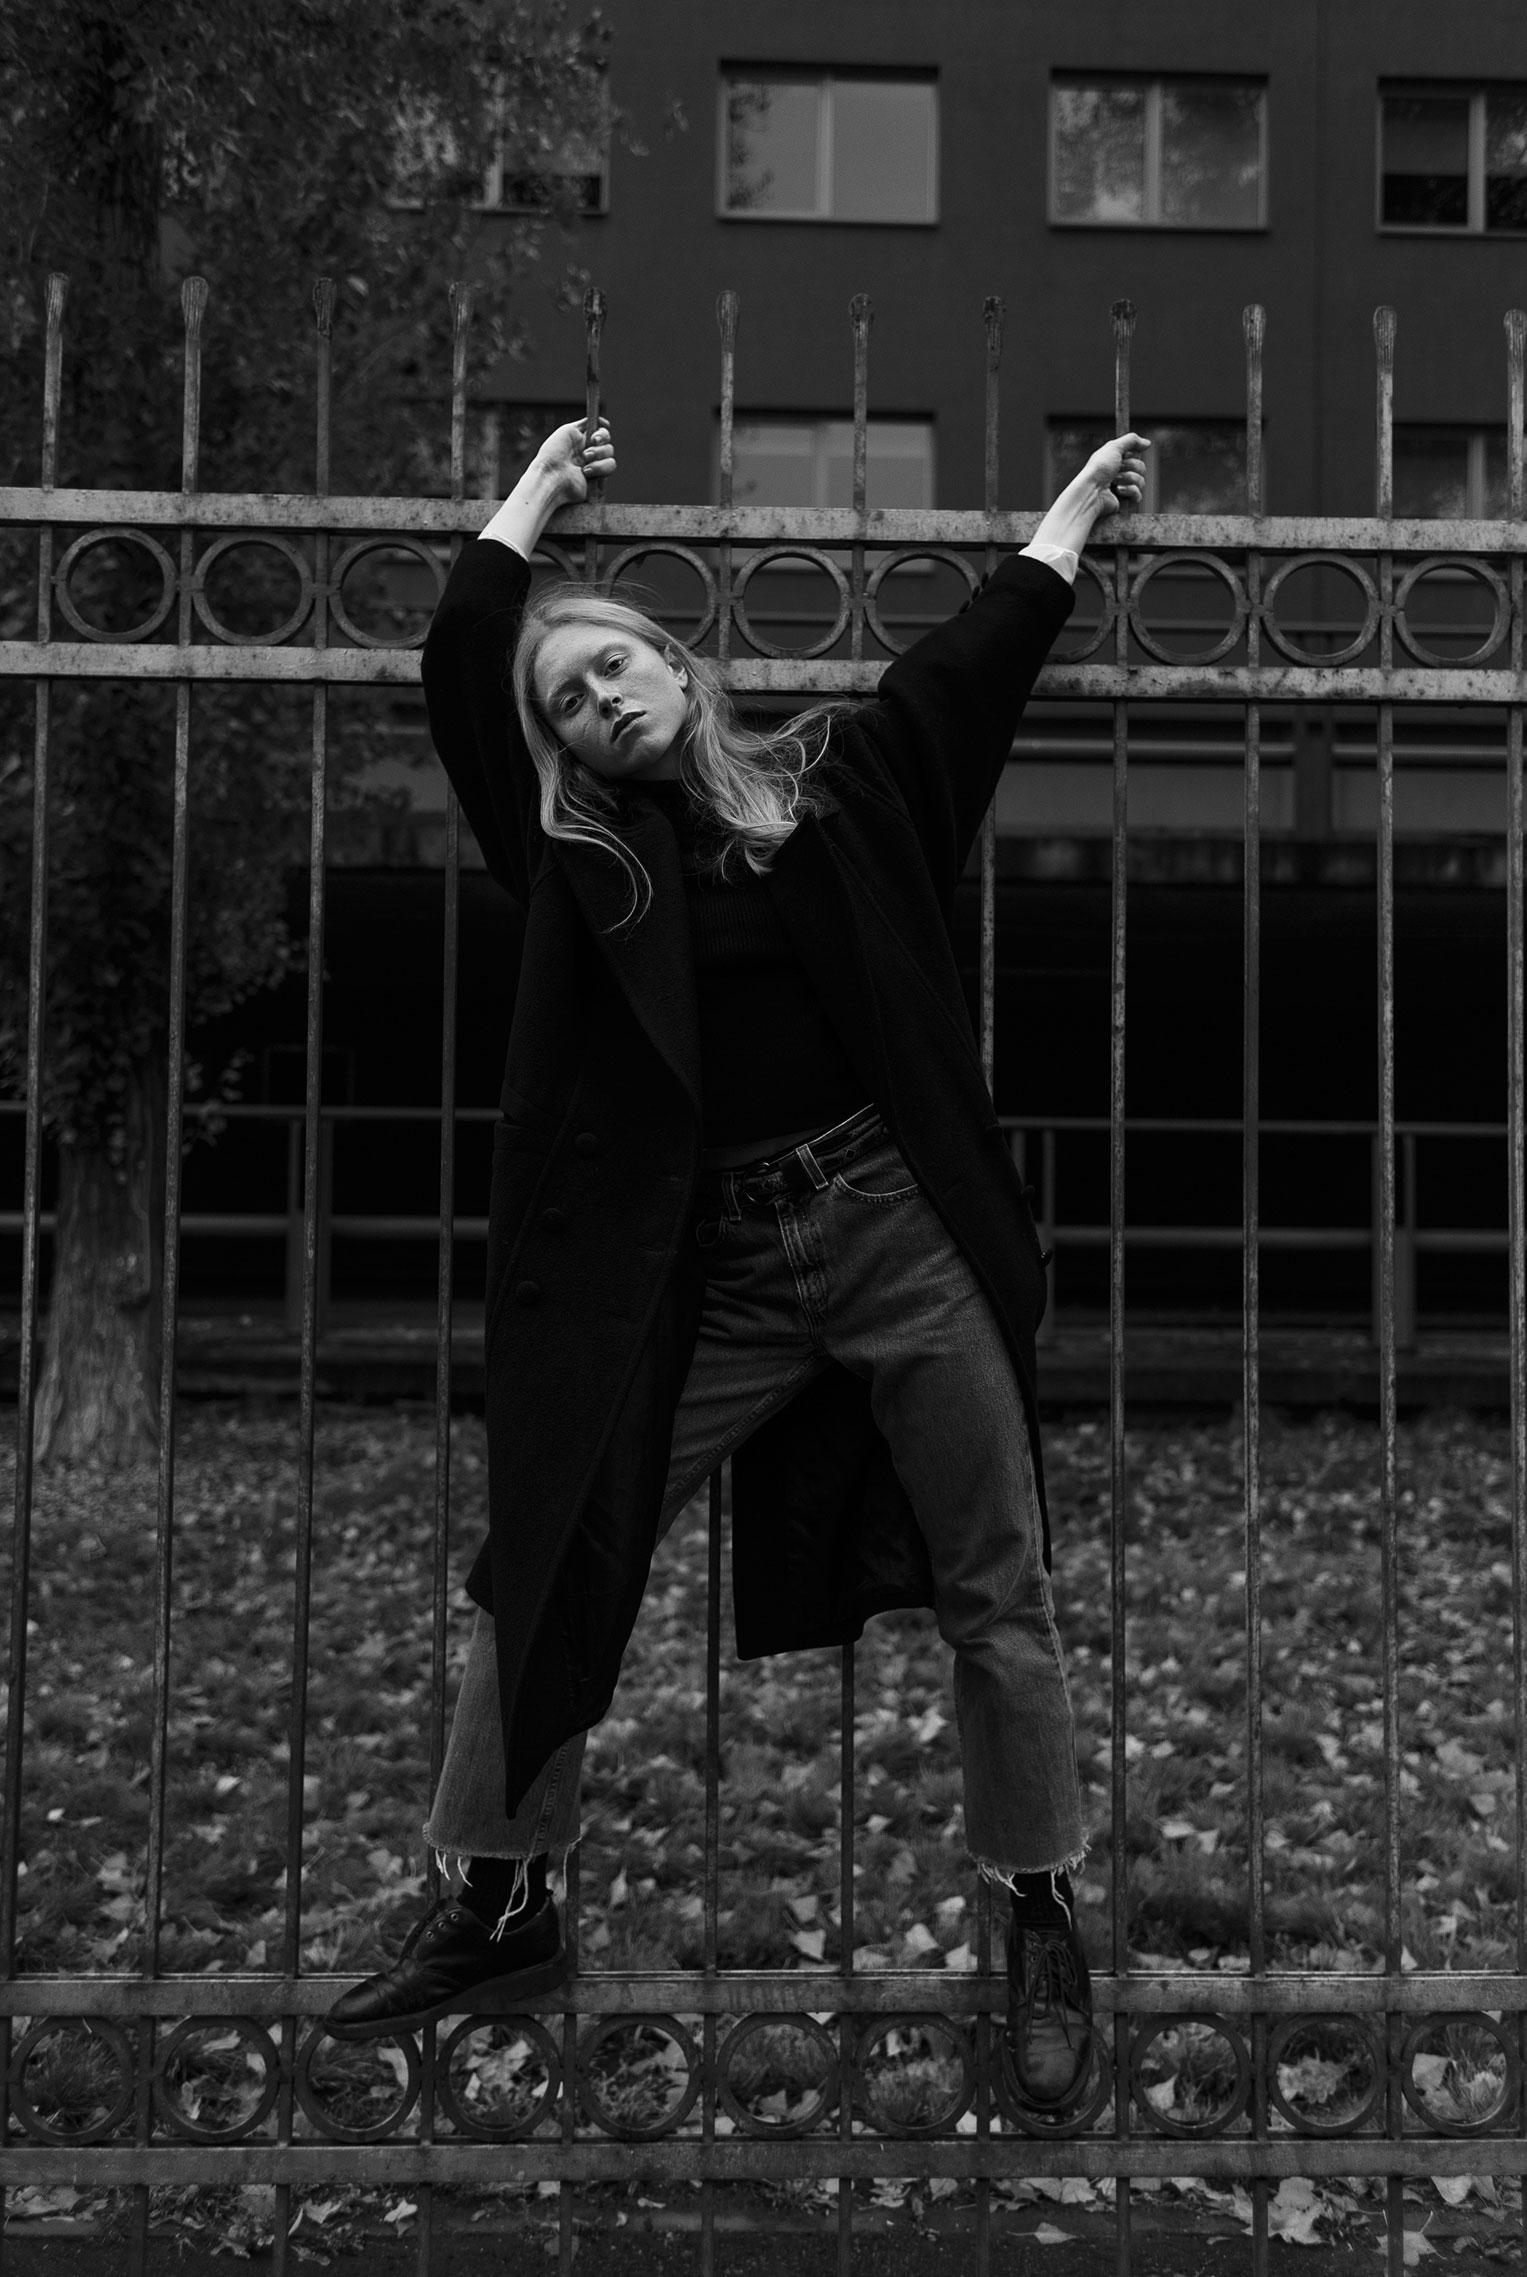 Руфь Фрай, фотограф Юлия Лузина / Rusya Arthaus by Julia Luzina